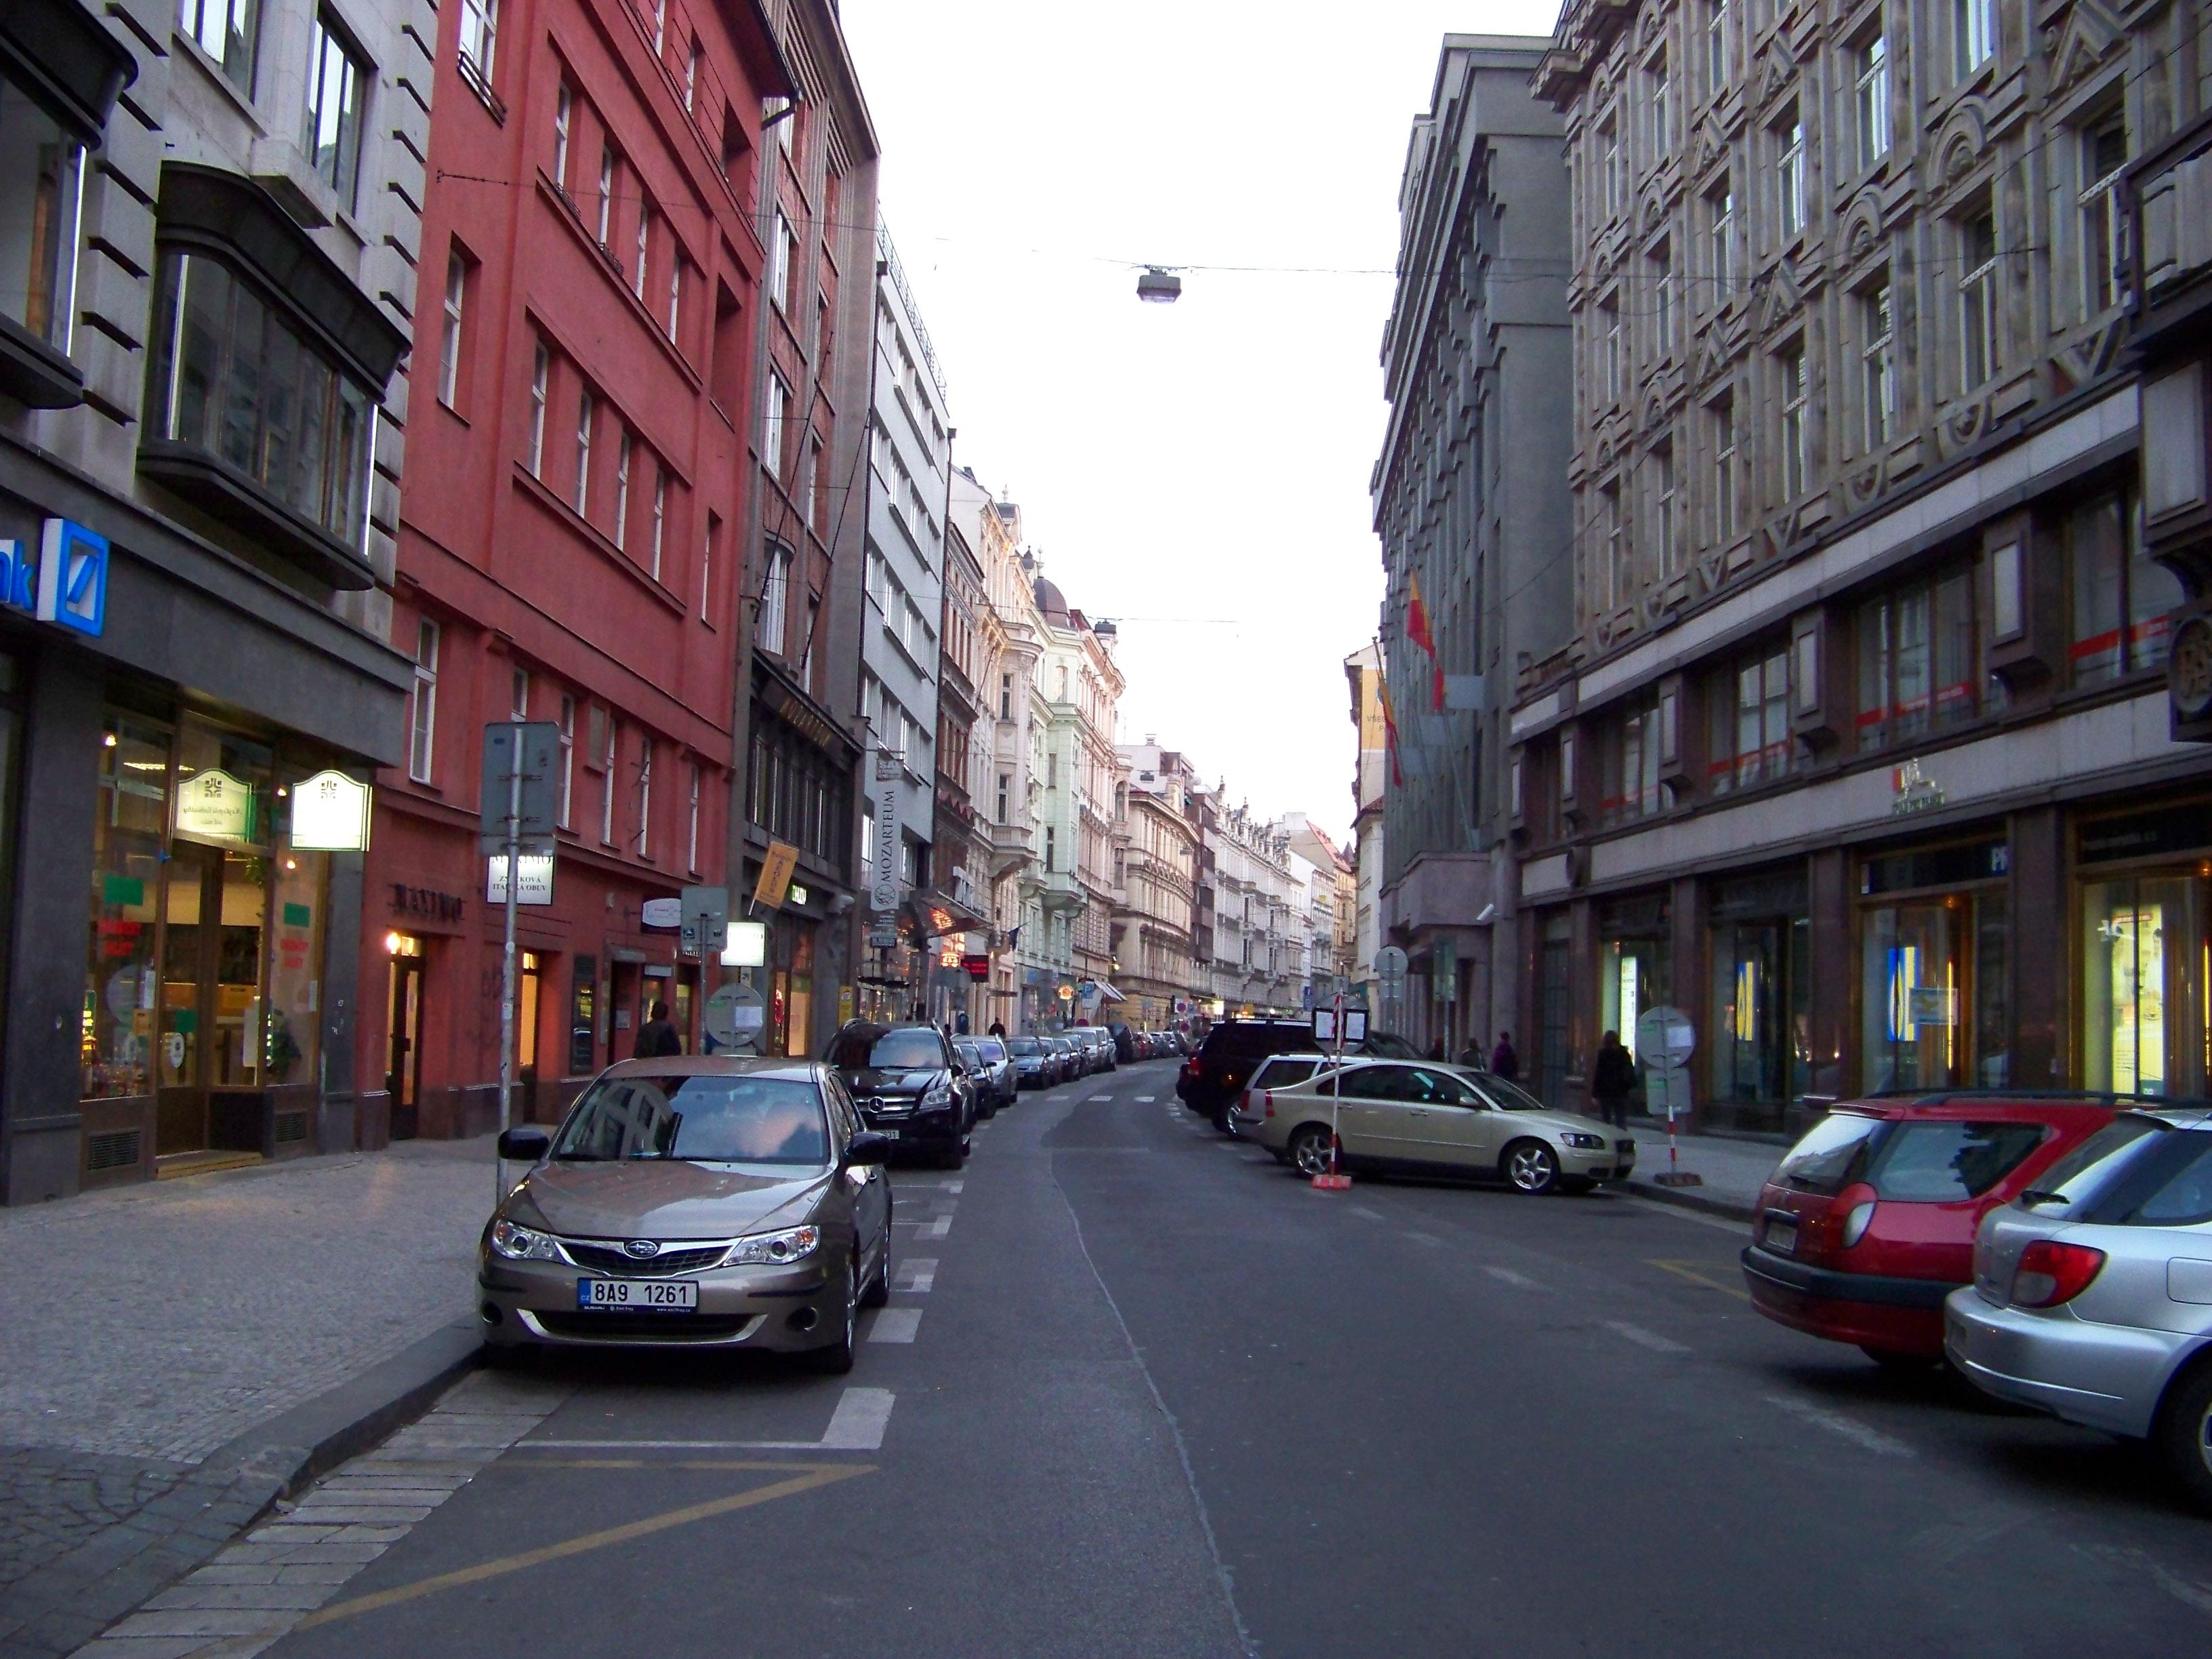 Description jungmannova ulice od jungmannova náměstí